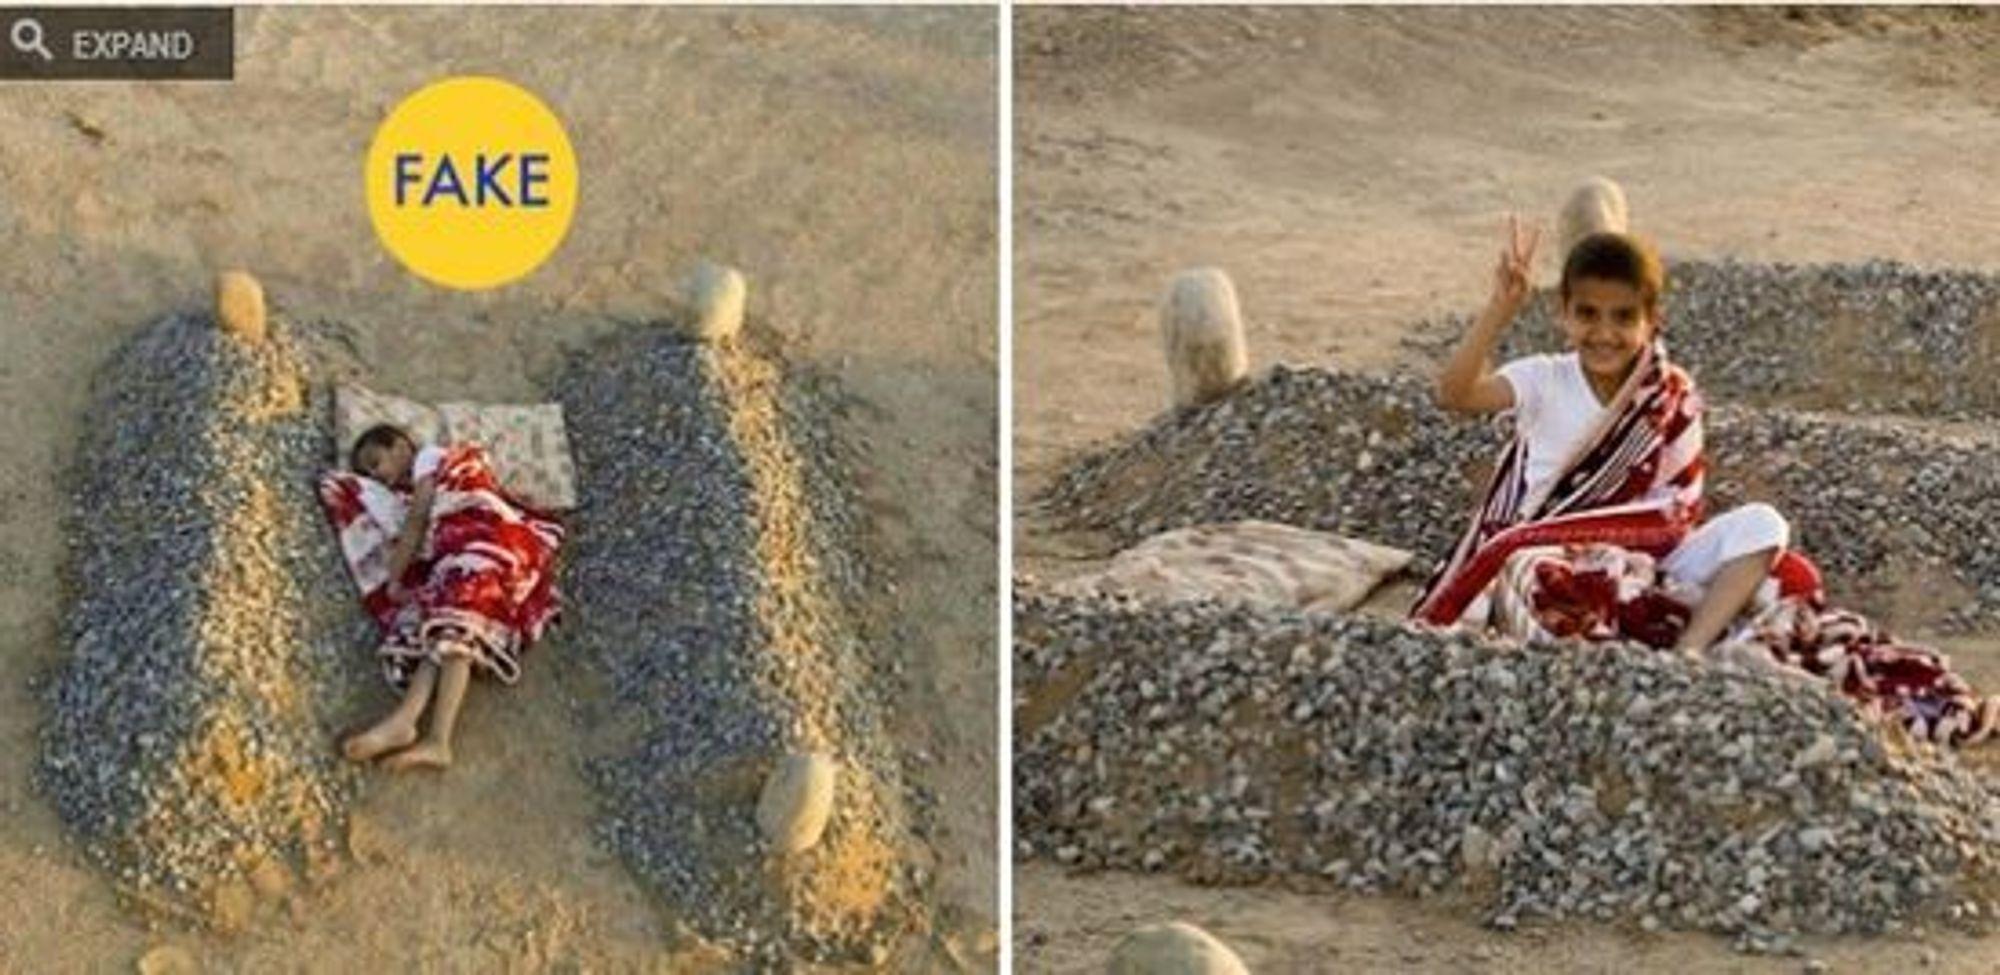 Det hjerteskjærende bildet av en syrisk gutt som angivelig sover mellom gravene til sine døde foreldre gikk som en farsott på nettet. I virkeligheten var gutten ved godt mot (t.h.) og bildet en del av et kunstprosjekt av den saudiske fotografen og kunstneren Abdul Aziz al-Otaibi. Faksimile fra Paleofuture.